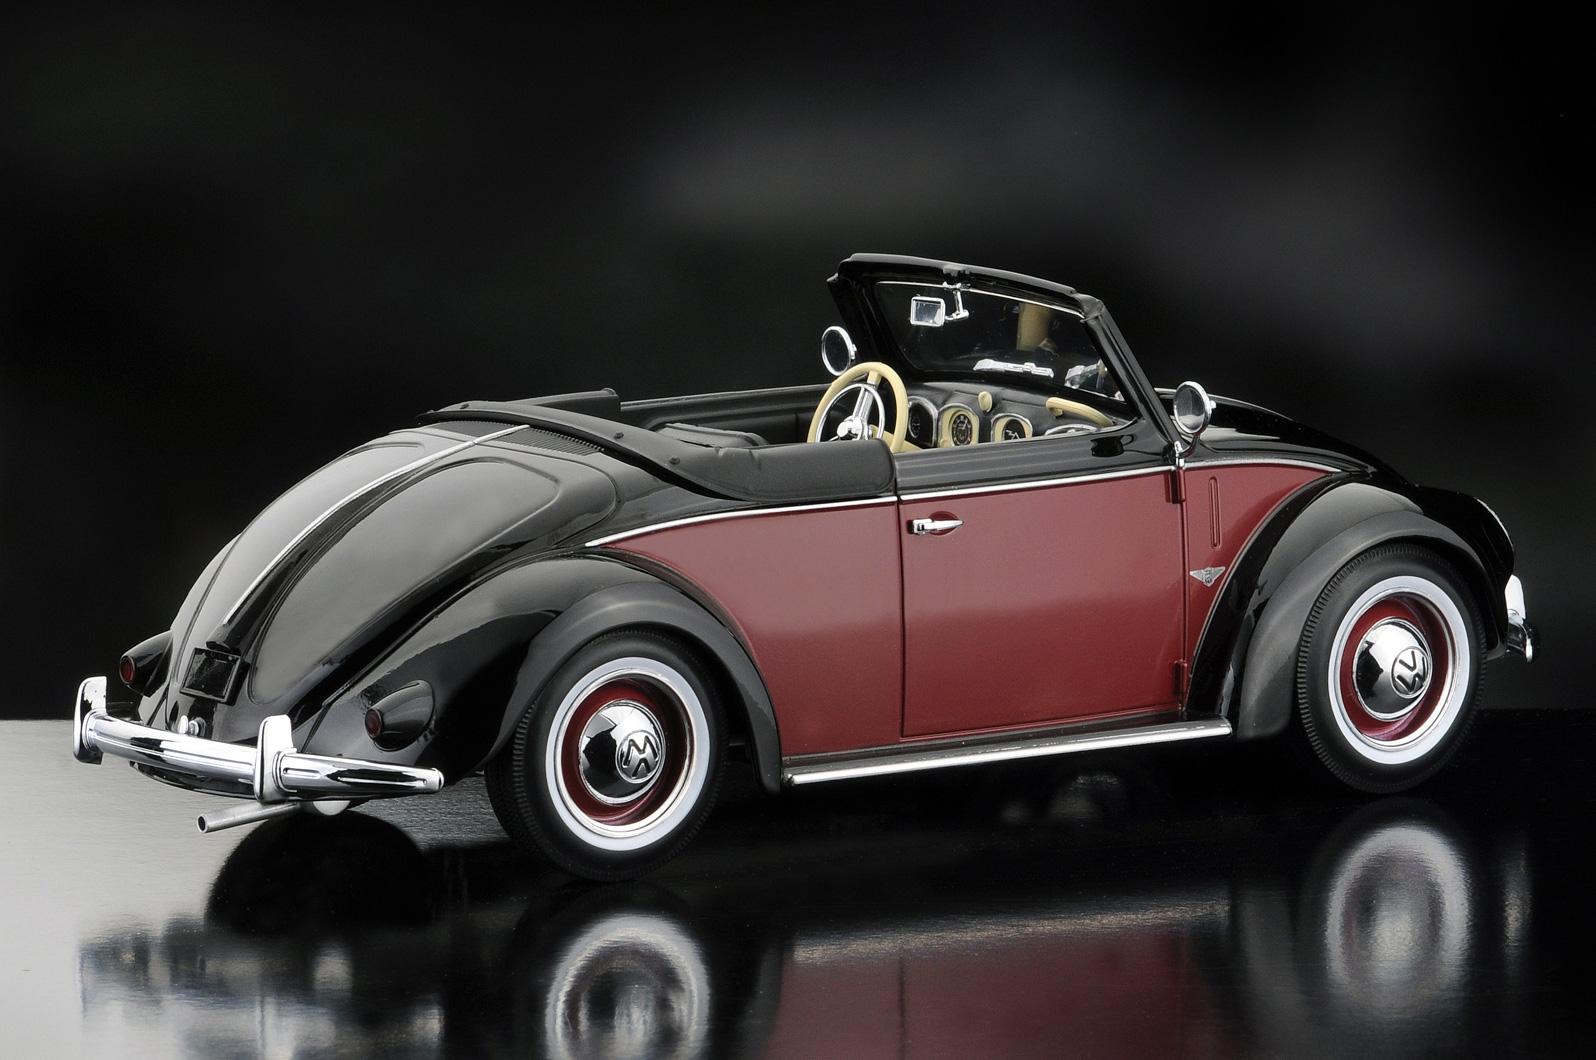 kkscale vw k fer 1200 hebm ller cabrio schwarz rot. Black Bedroom Furniture Sets. Home Design Ideas